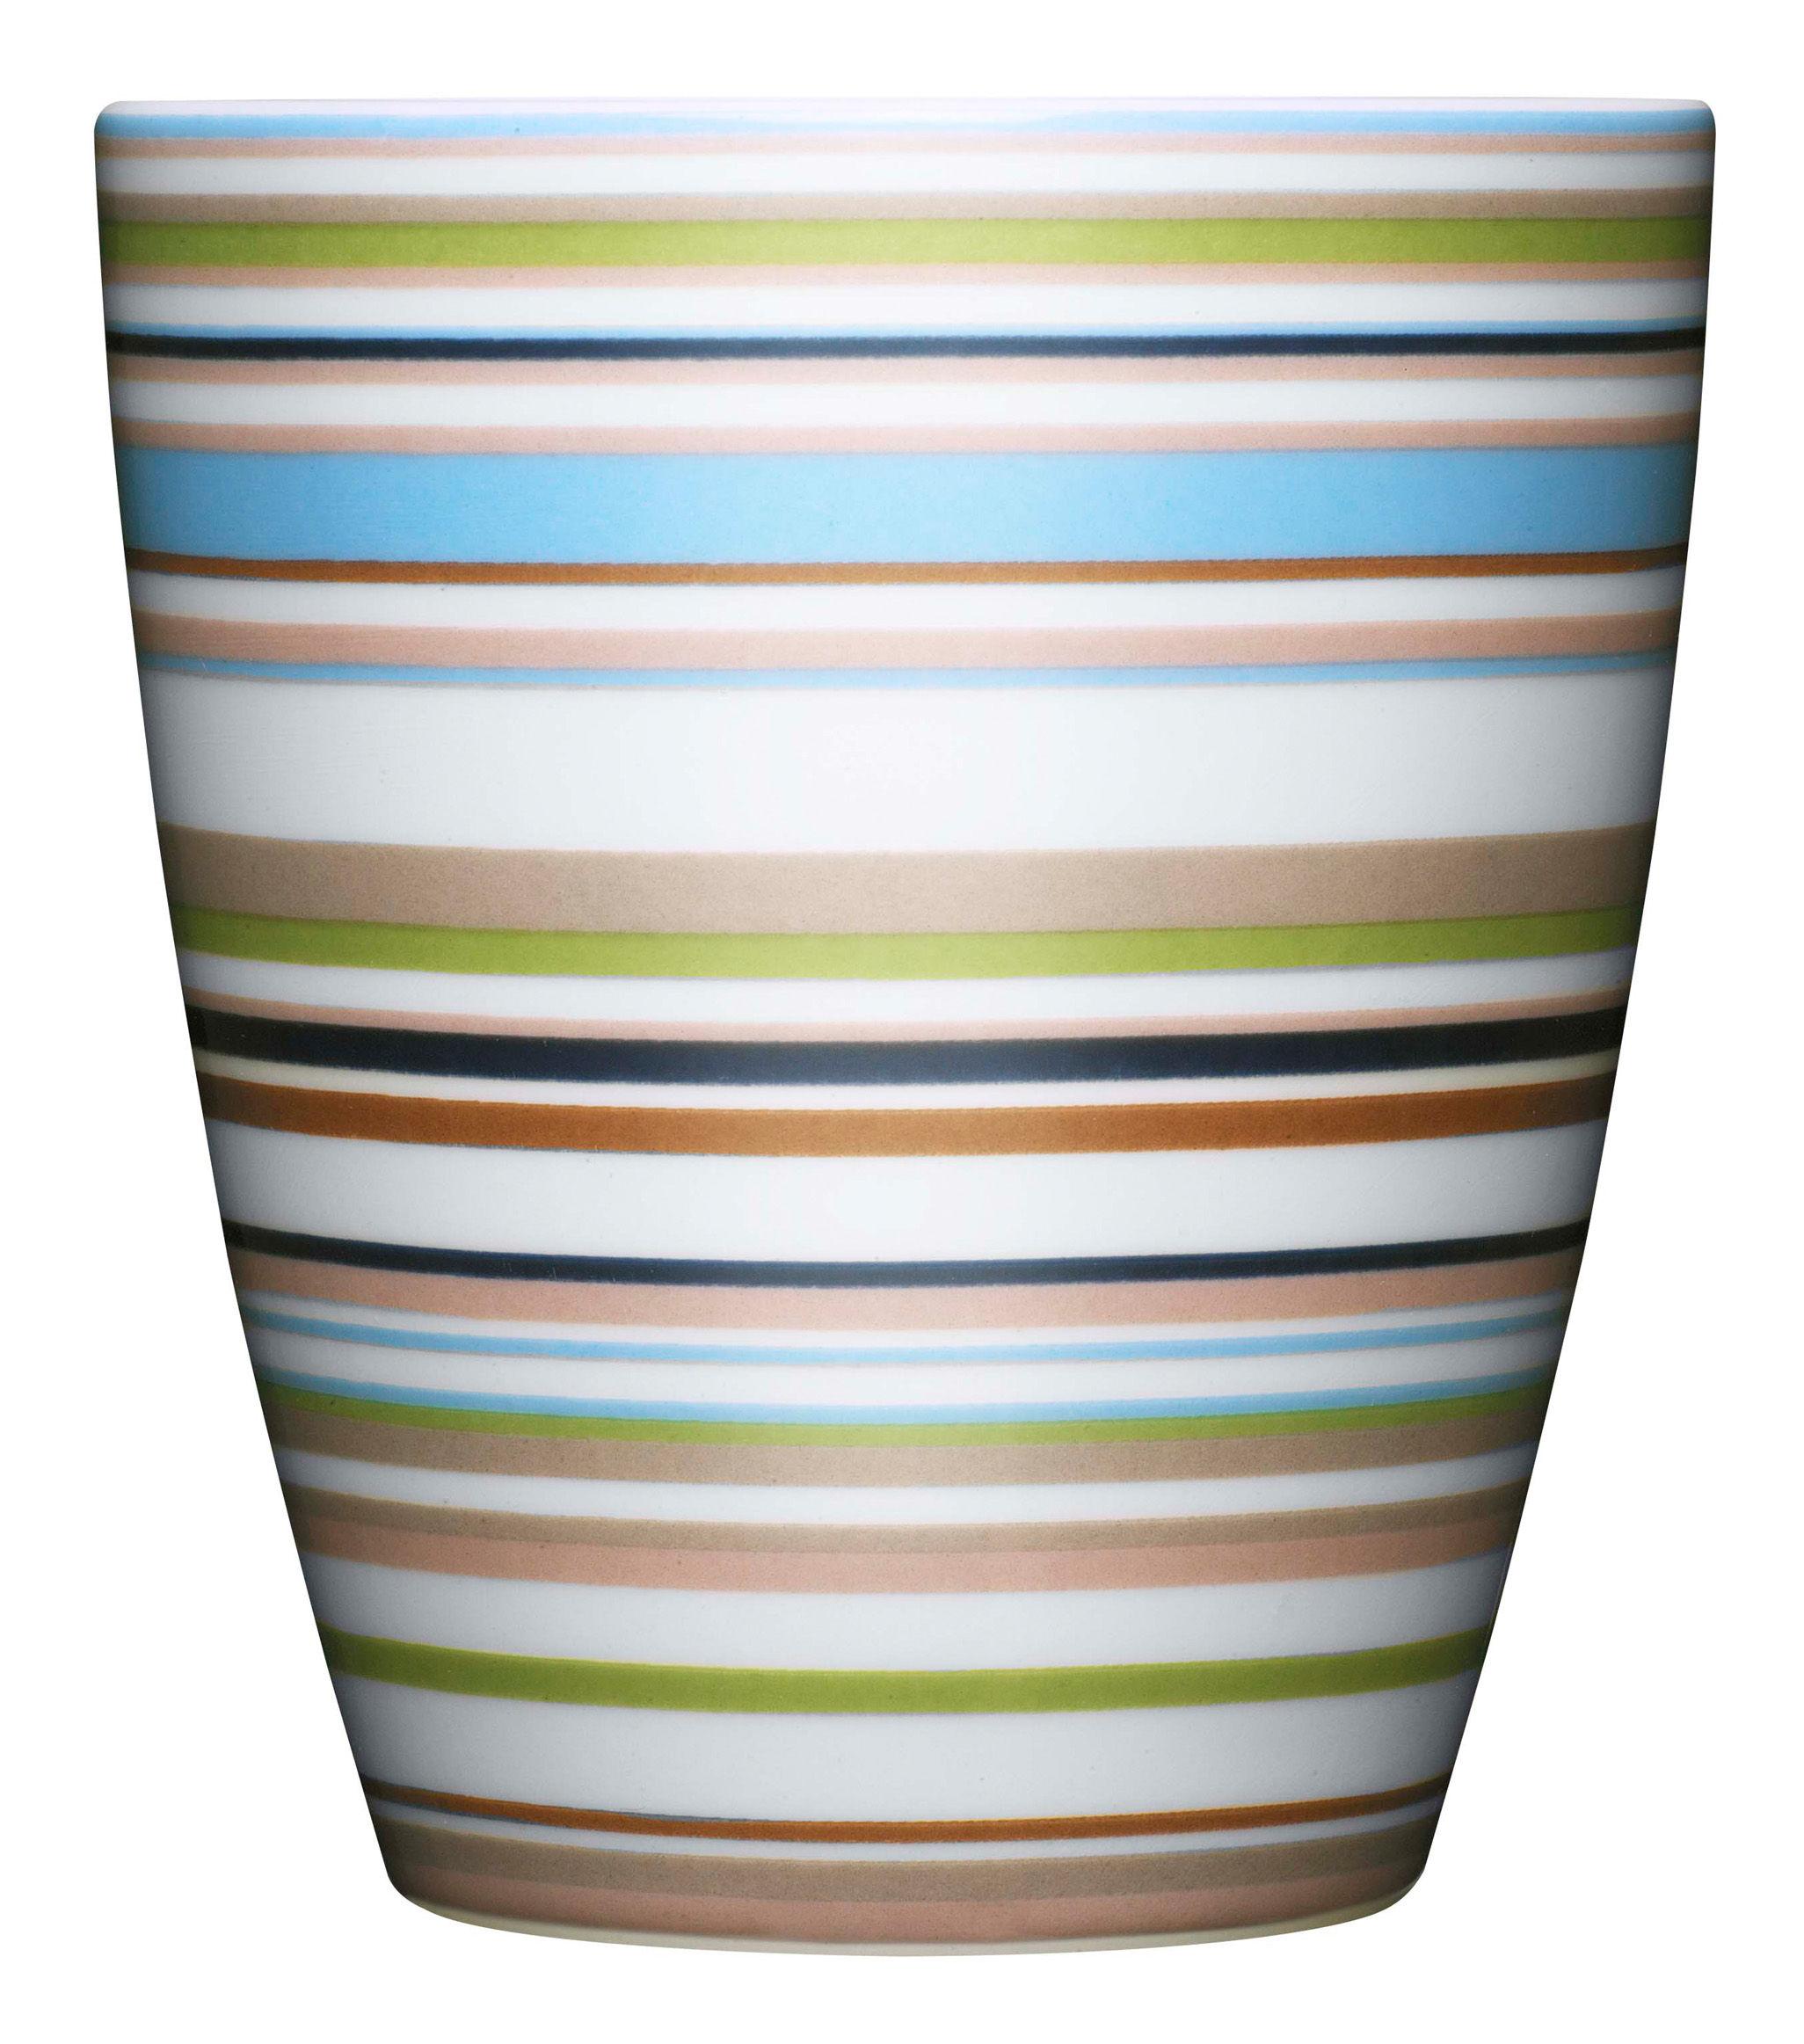 Tischkultur - Tassen und Becher - Origo Becher - Iittala - Beige Streifen - Porzellan